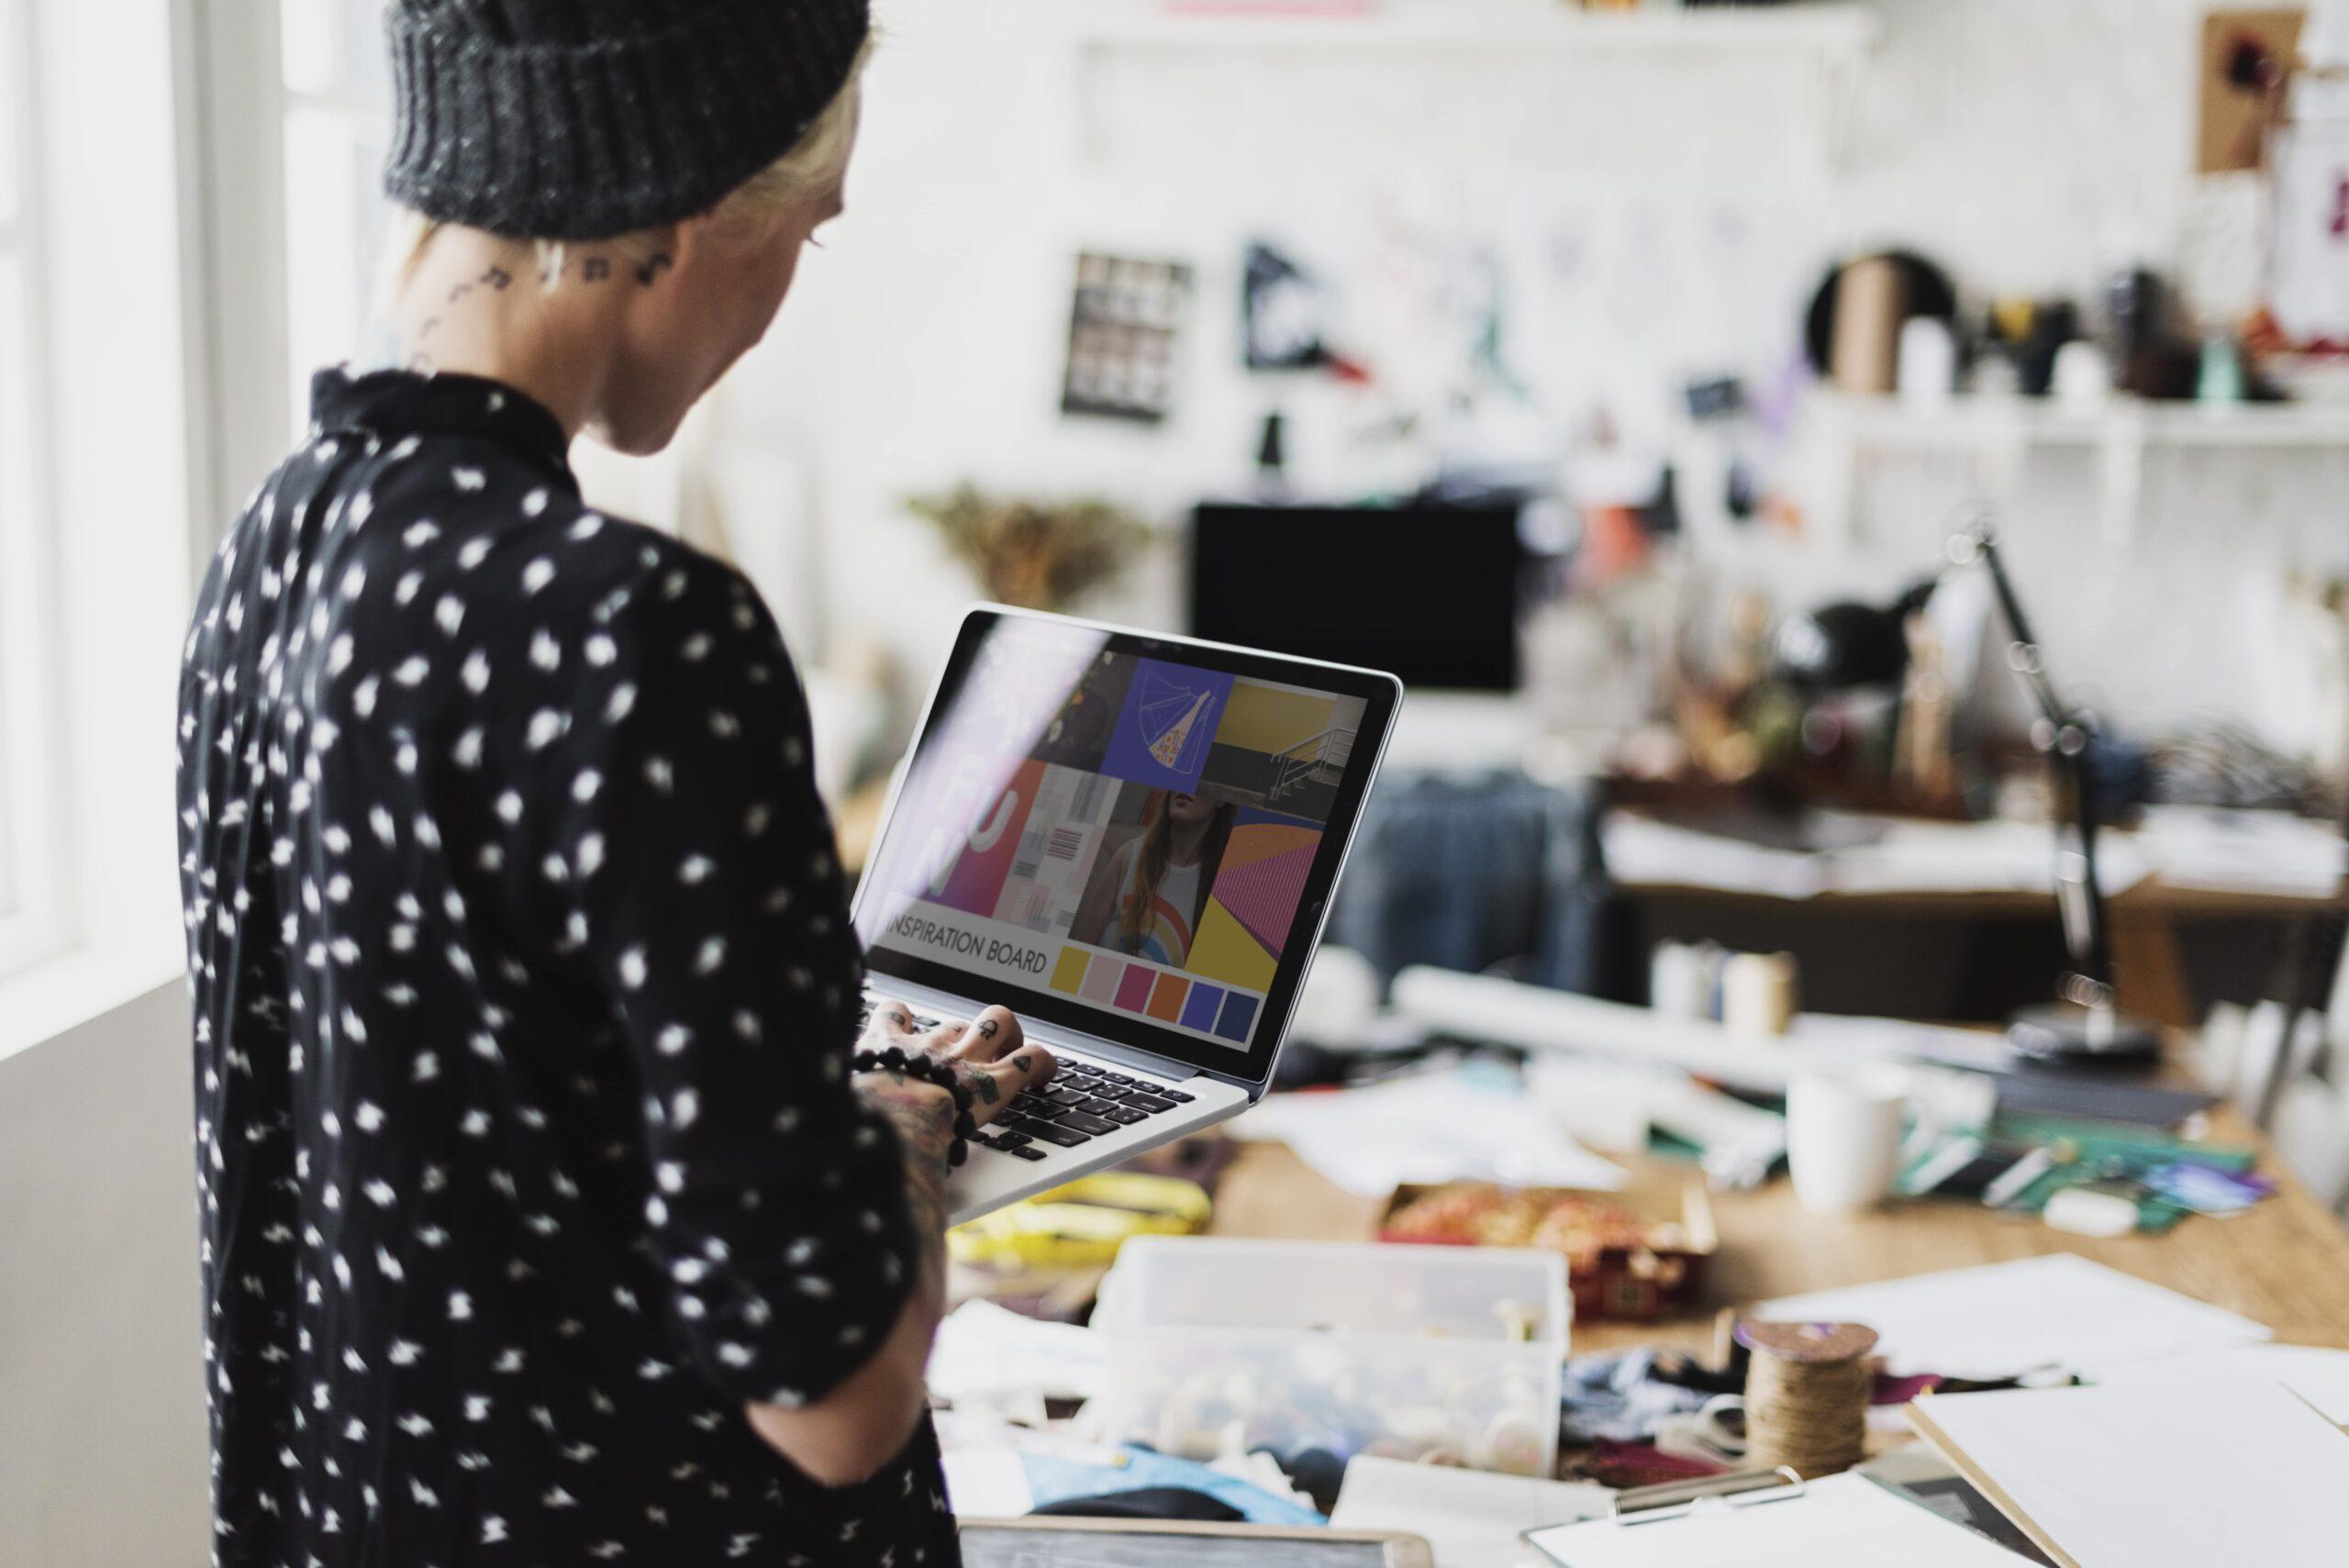 Formazione: come diventare un fashion designer